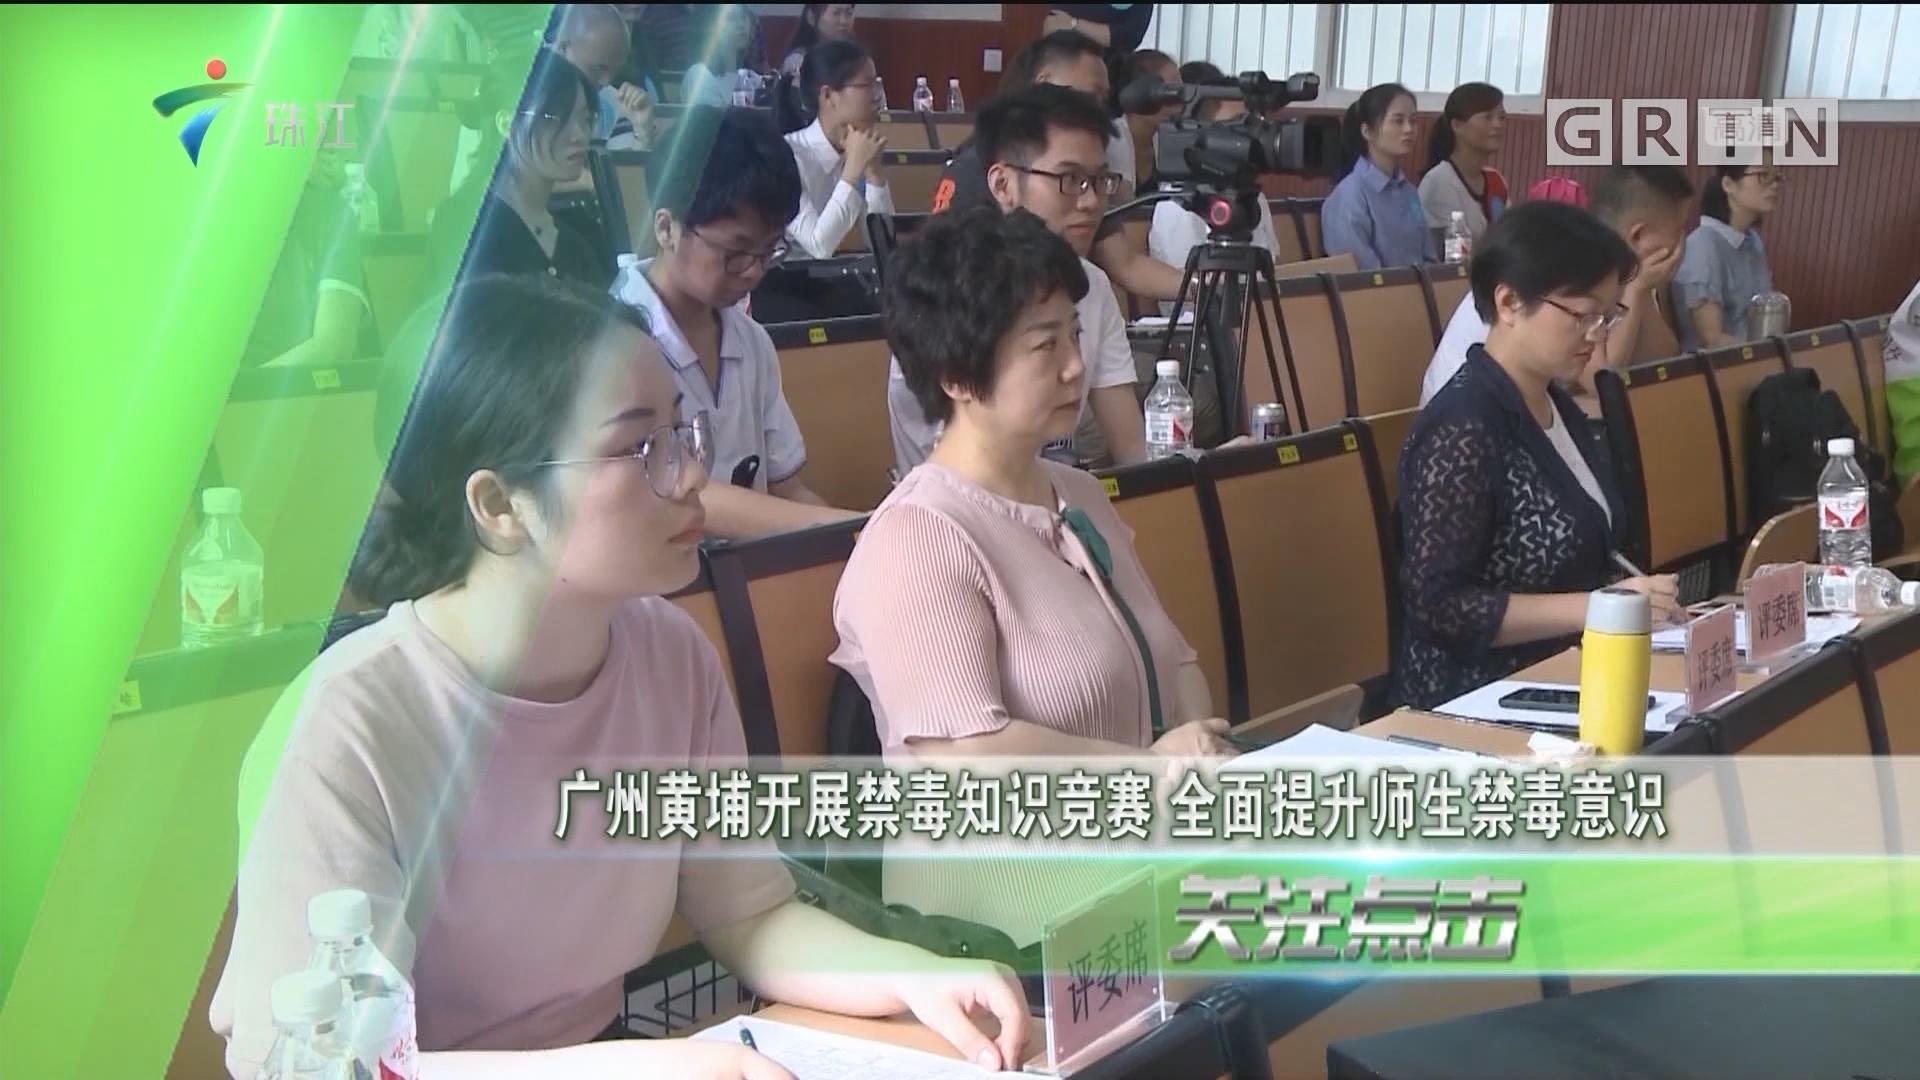 广州黄埔开展禁毒知识竞赛 全面提升师生禁毒意识